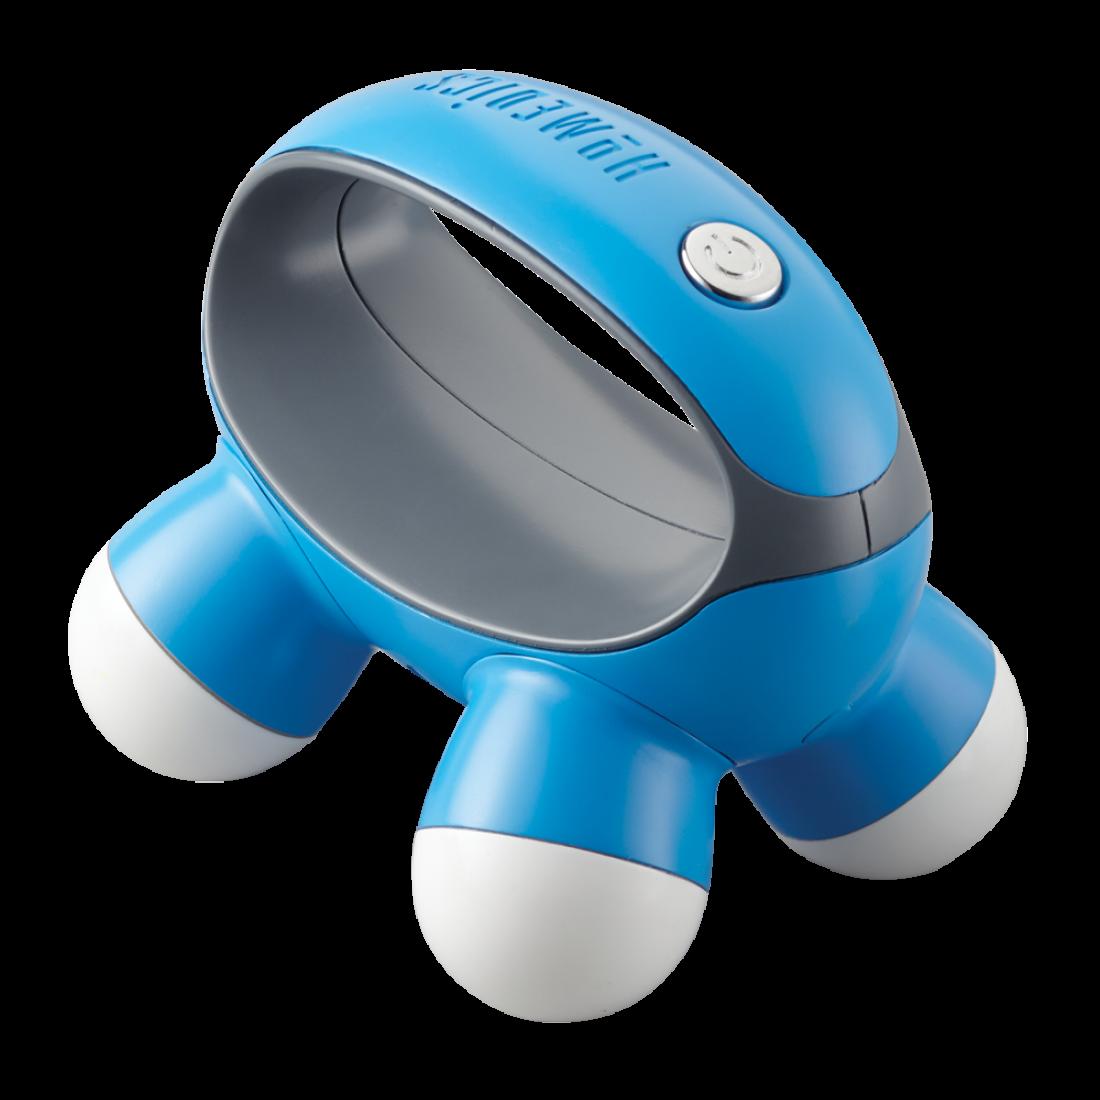 HoMedics Quatro Mini Massager, NOV-30-9CTM